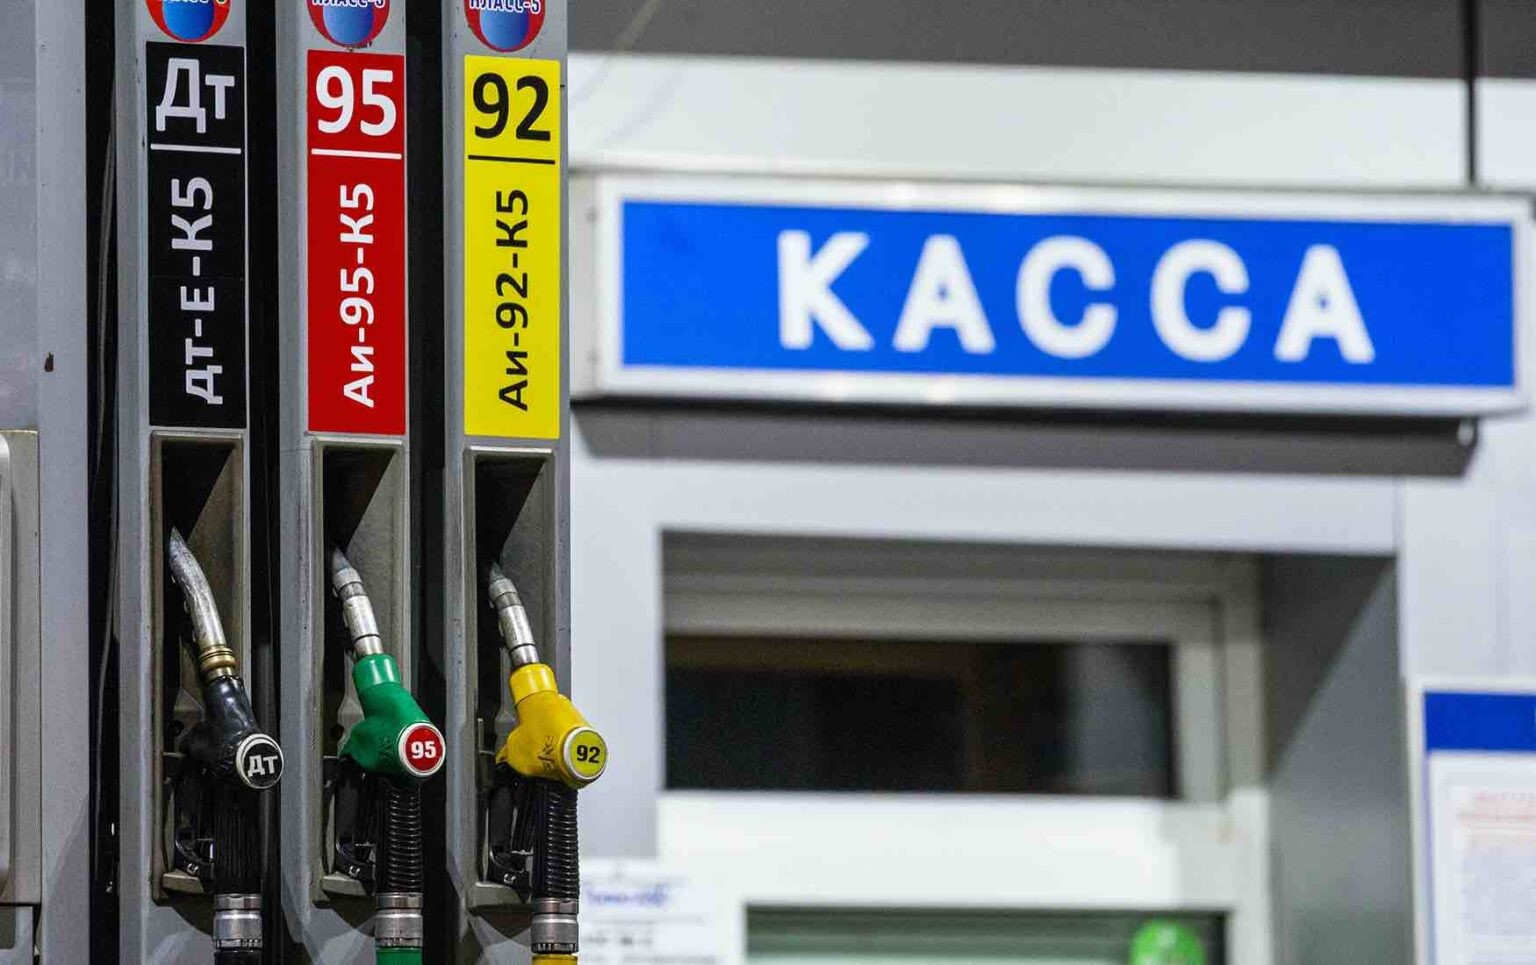 Цены на бензин в странах мира: почему в России стоимость топлива постоянно растет